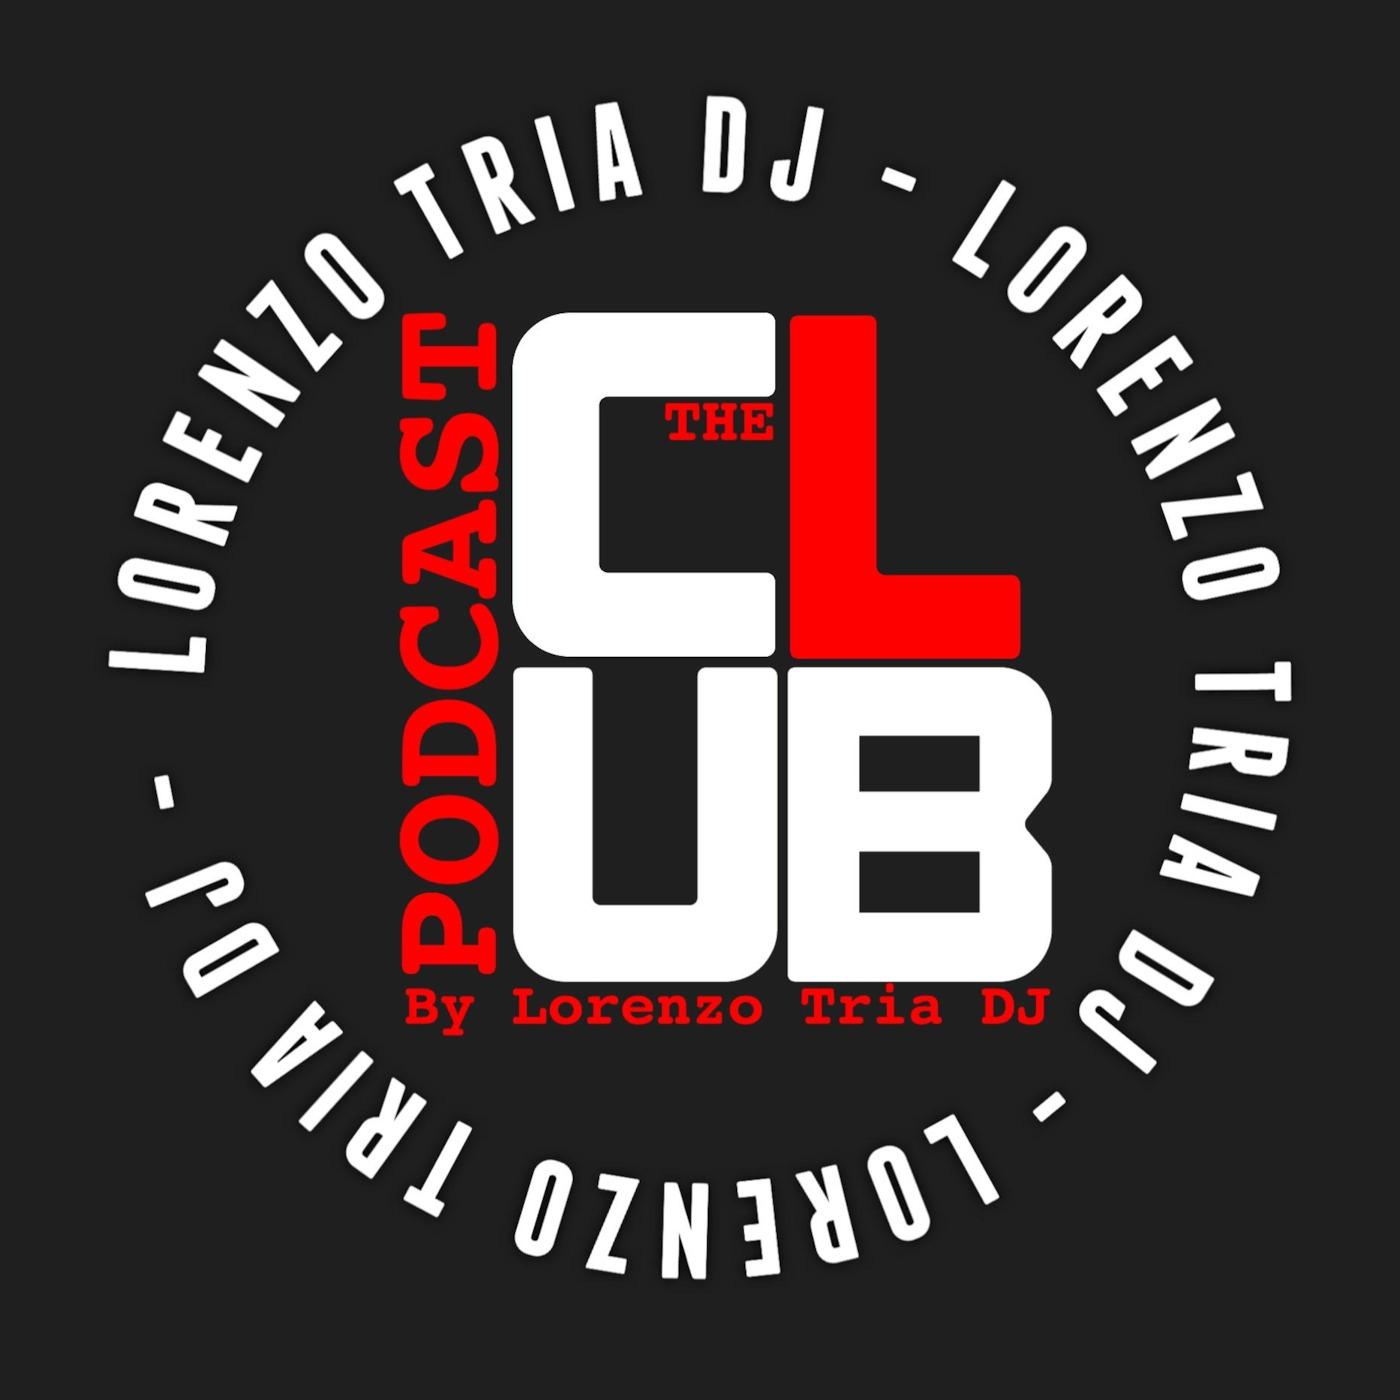 Lorenzo Tria DJ's Podcast